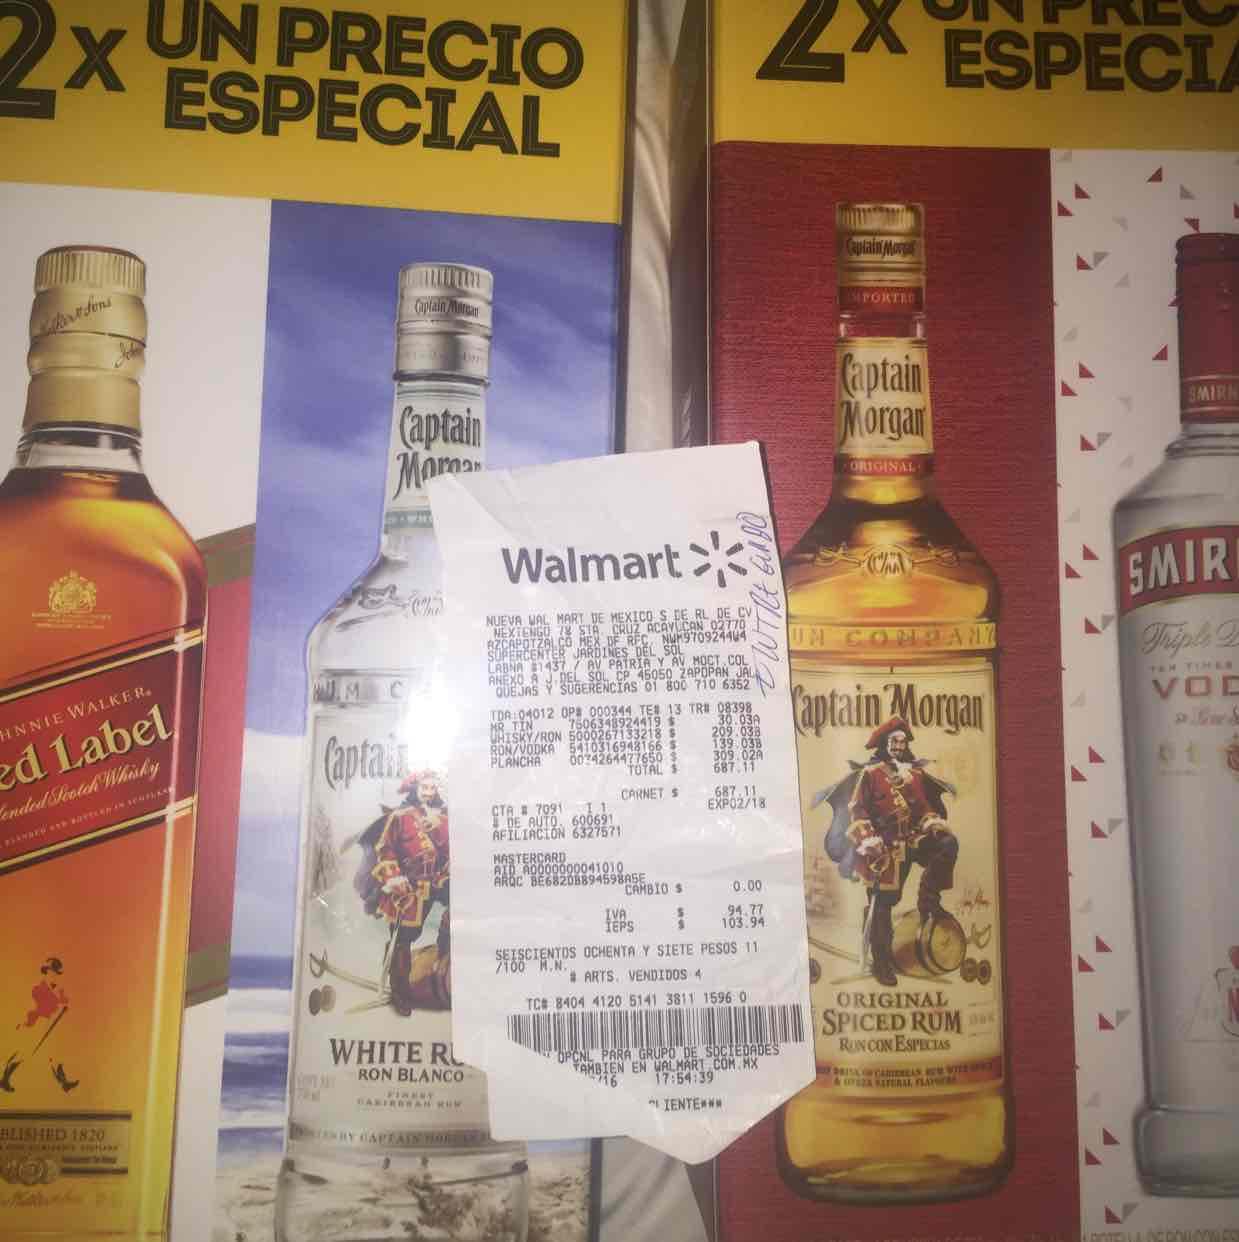 Walmart: Red Label + Capitán Morgan Blanco a $209, Smirnoff + Capitán Morgan a $139 y más